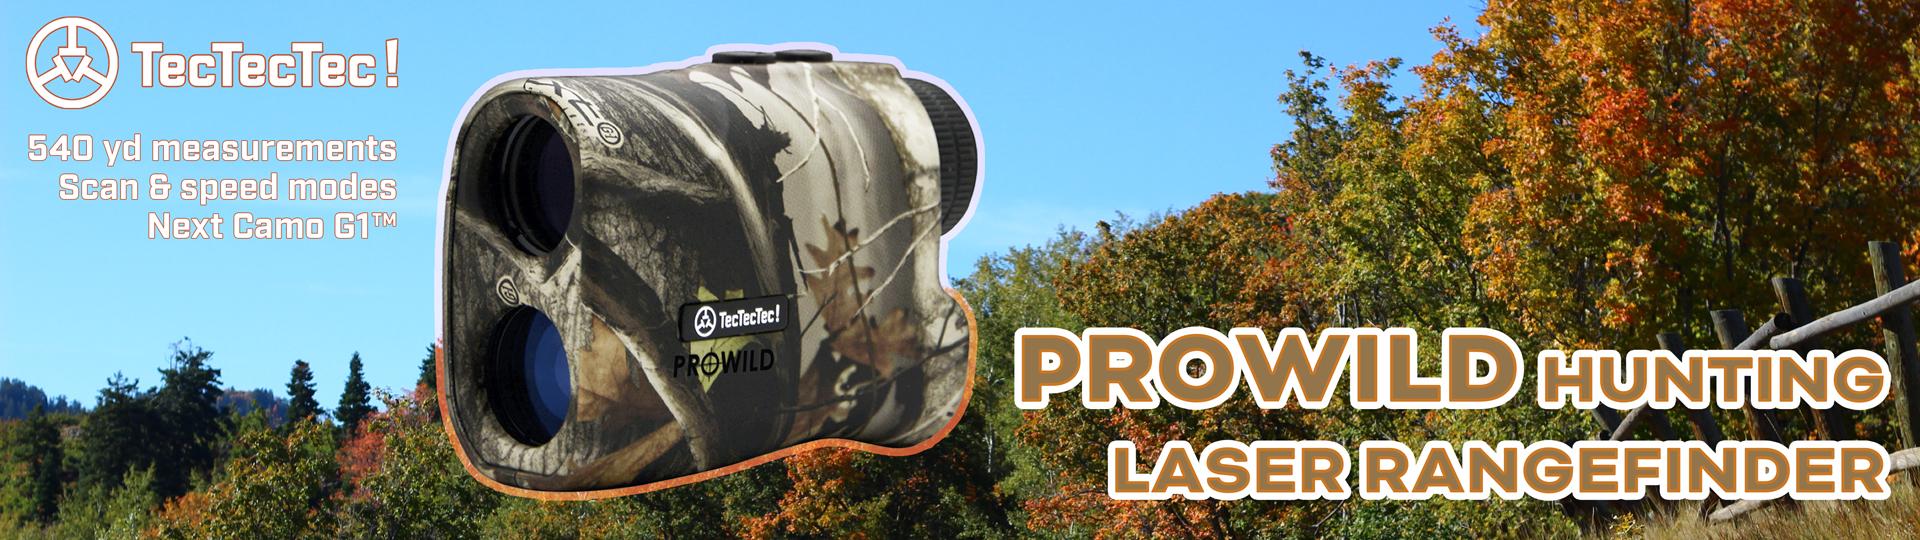 PROWILD Slide Banner Rangefinder Hunting TecTecTec